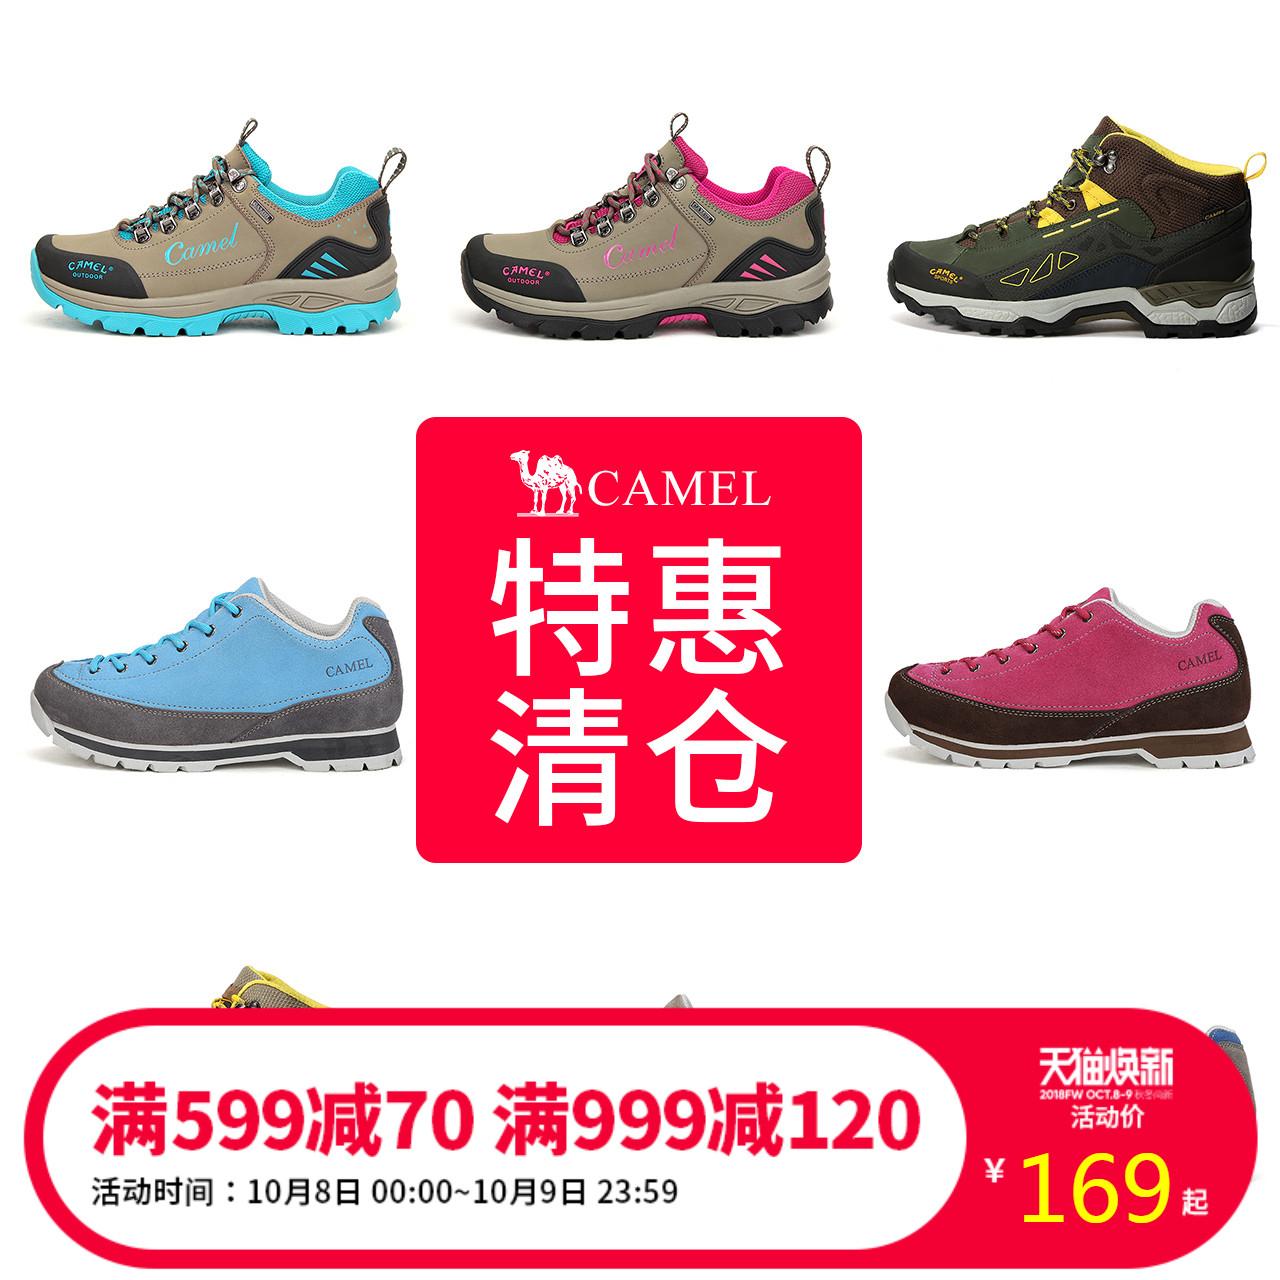 骆驼户外登山鞋 男女高帮防滑耐磨徒步户外鞋登山鞋